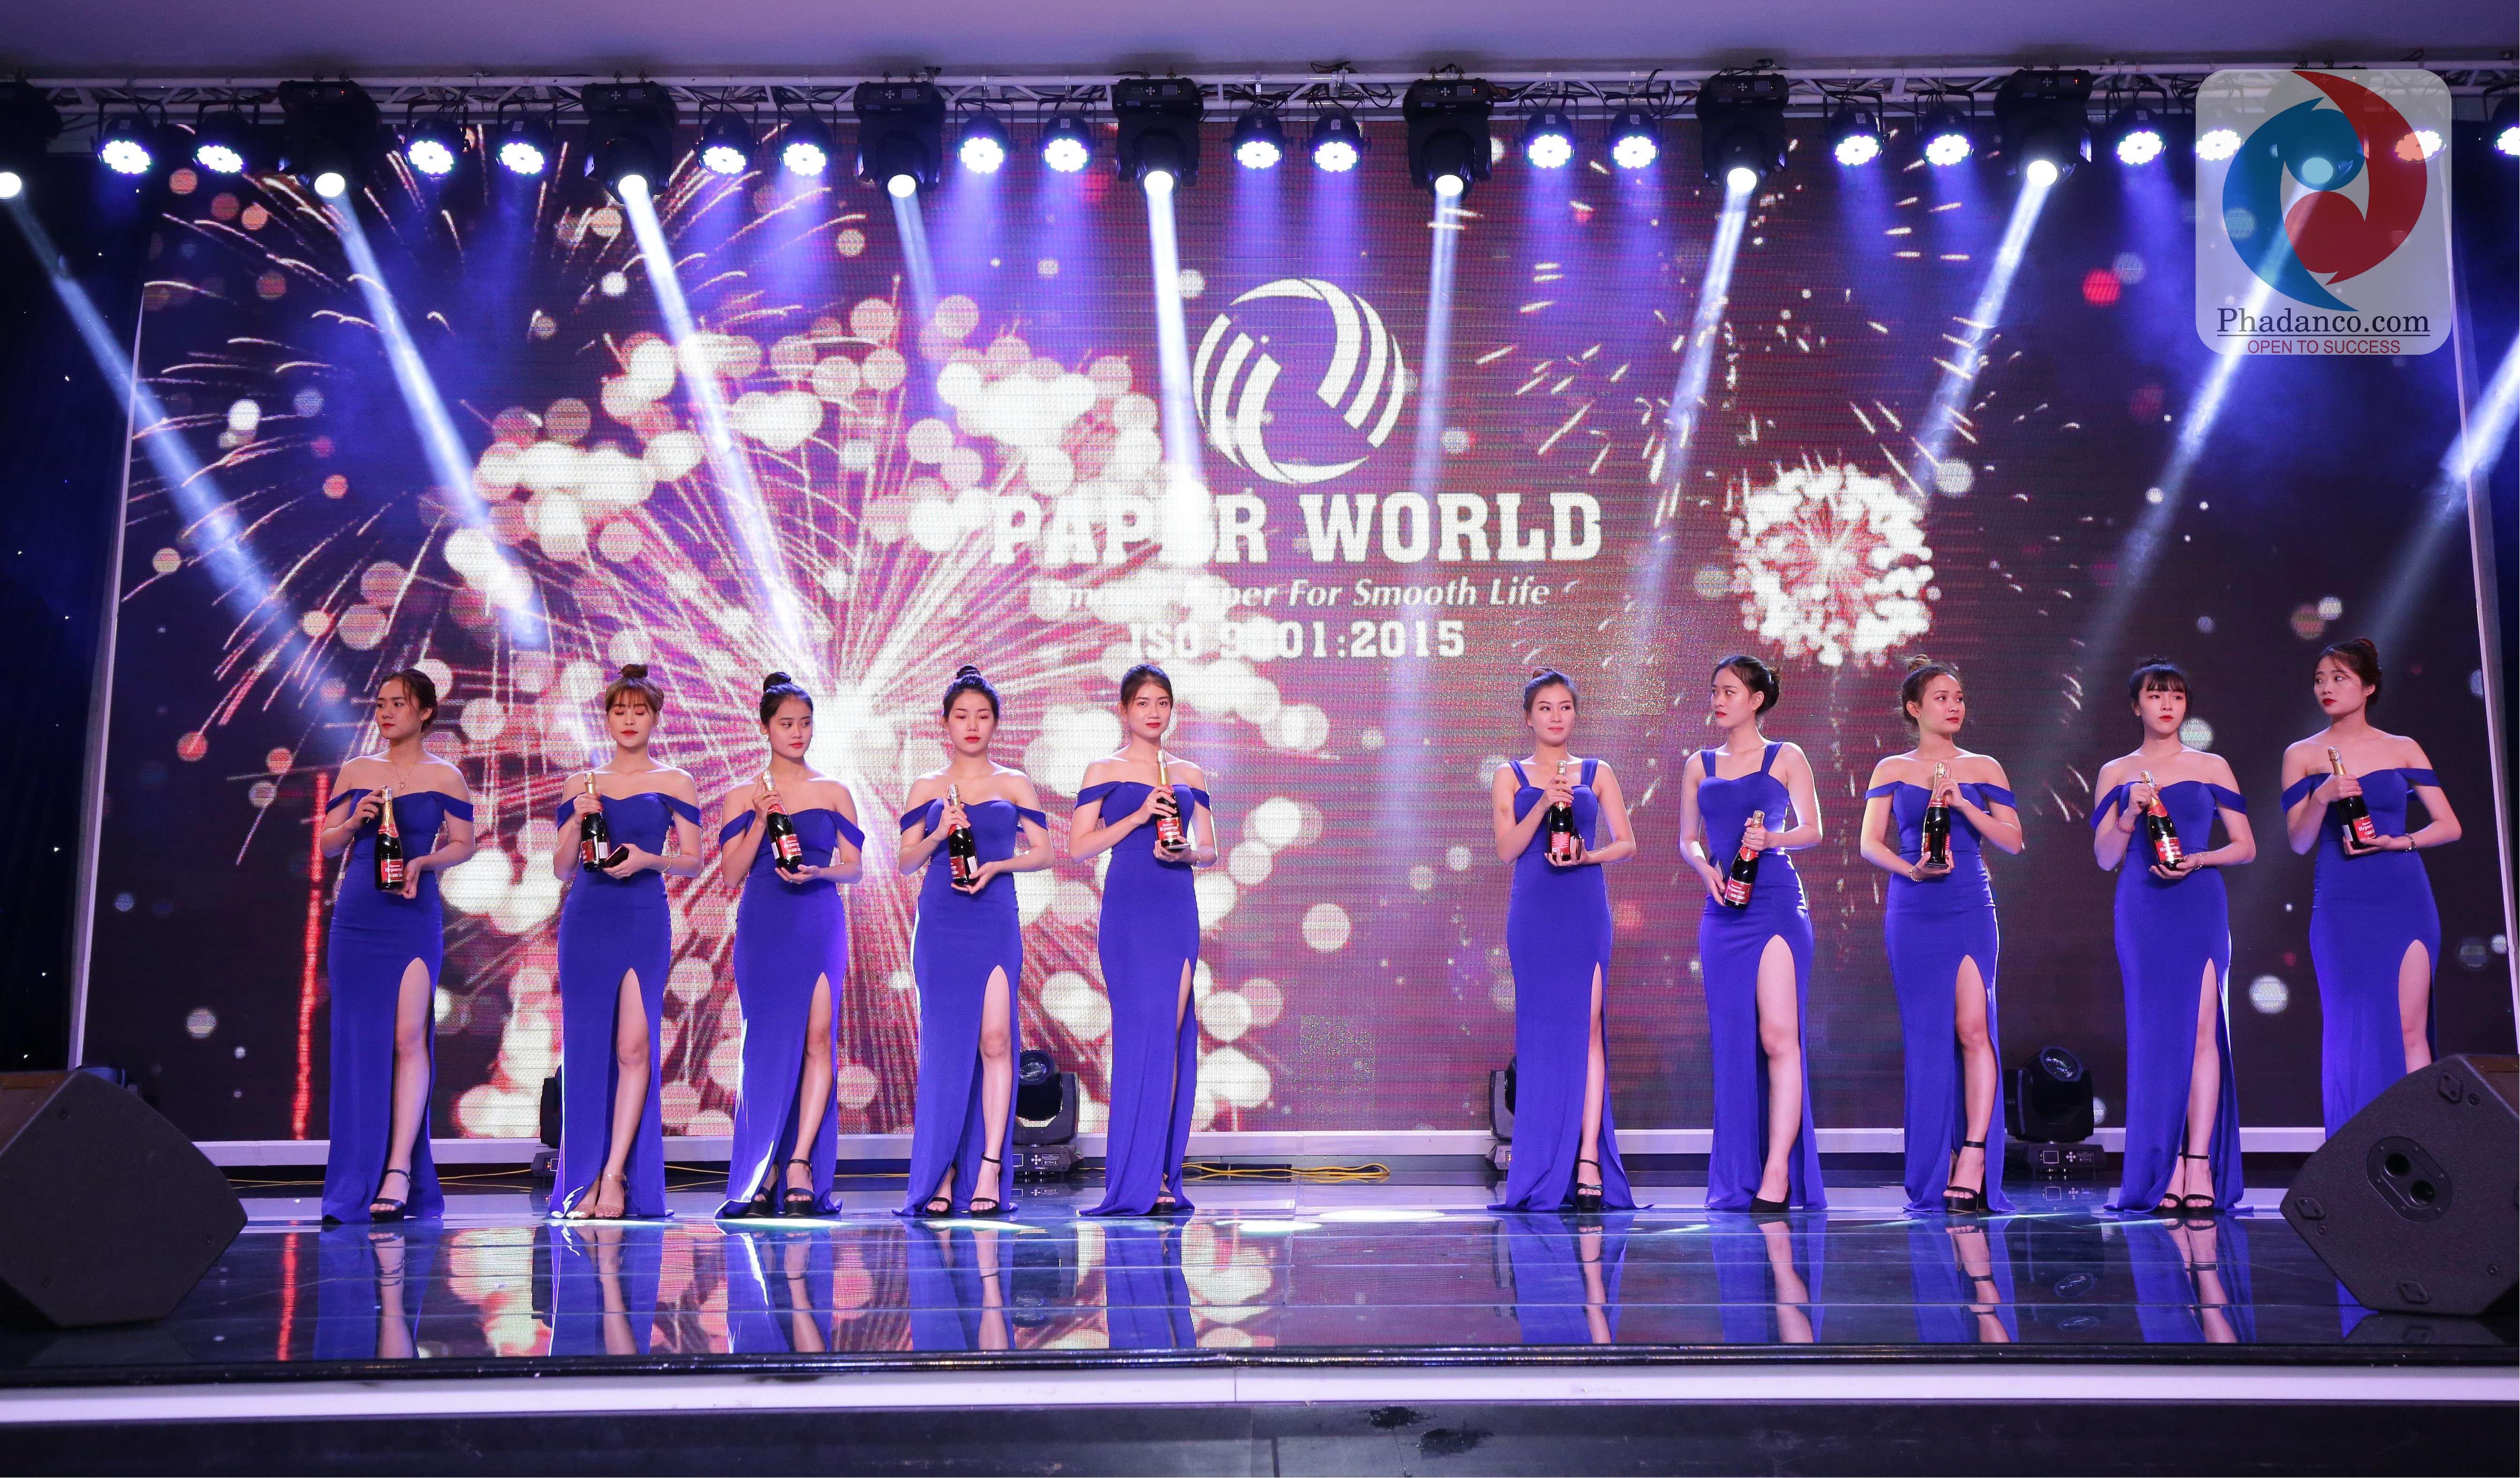 Công ty Truyền thông Phan Đăng tổ chức sự kiện cho Công ty Thế Giới Giấy